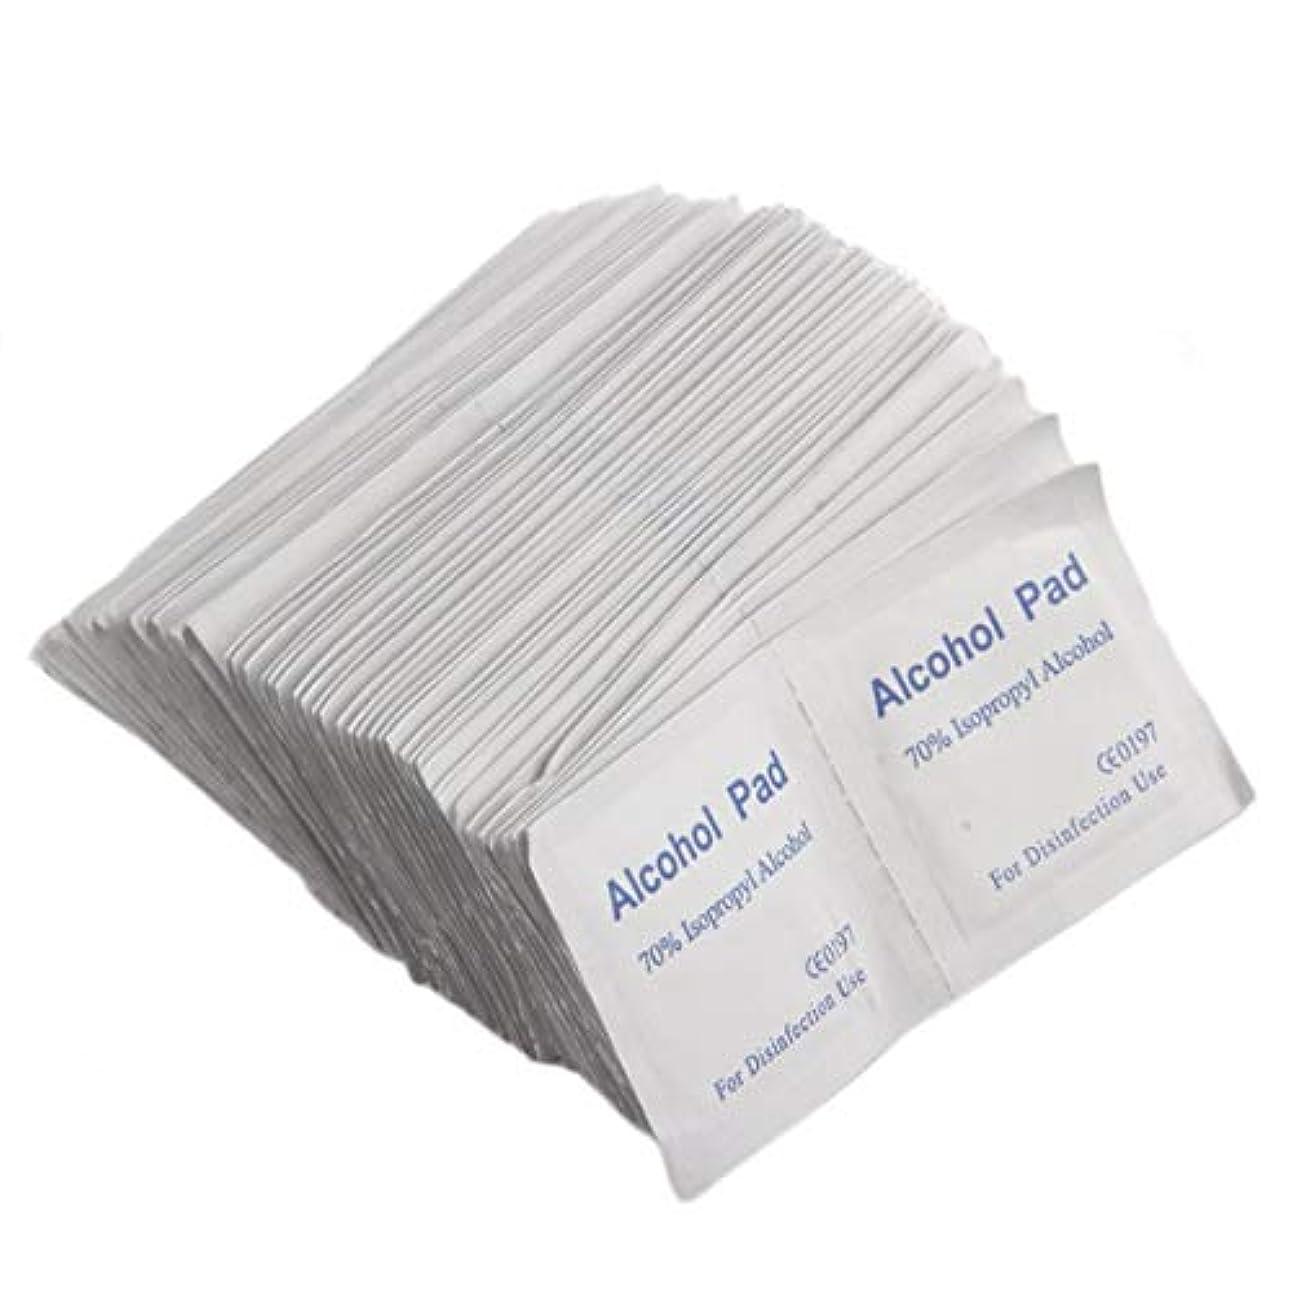 そんなに闇名前Intercorey 100ピース/ボックスプロフェッショナルアルコールワイプパッド医療綿棒サシェ抗菌ツールクレンザークリーニング不織布紙